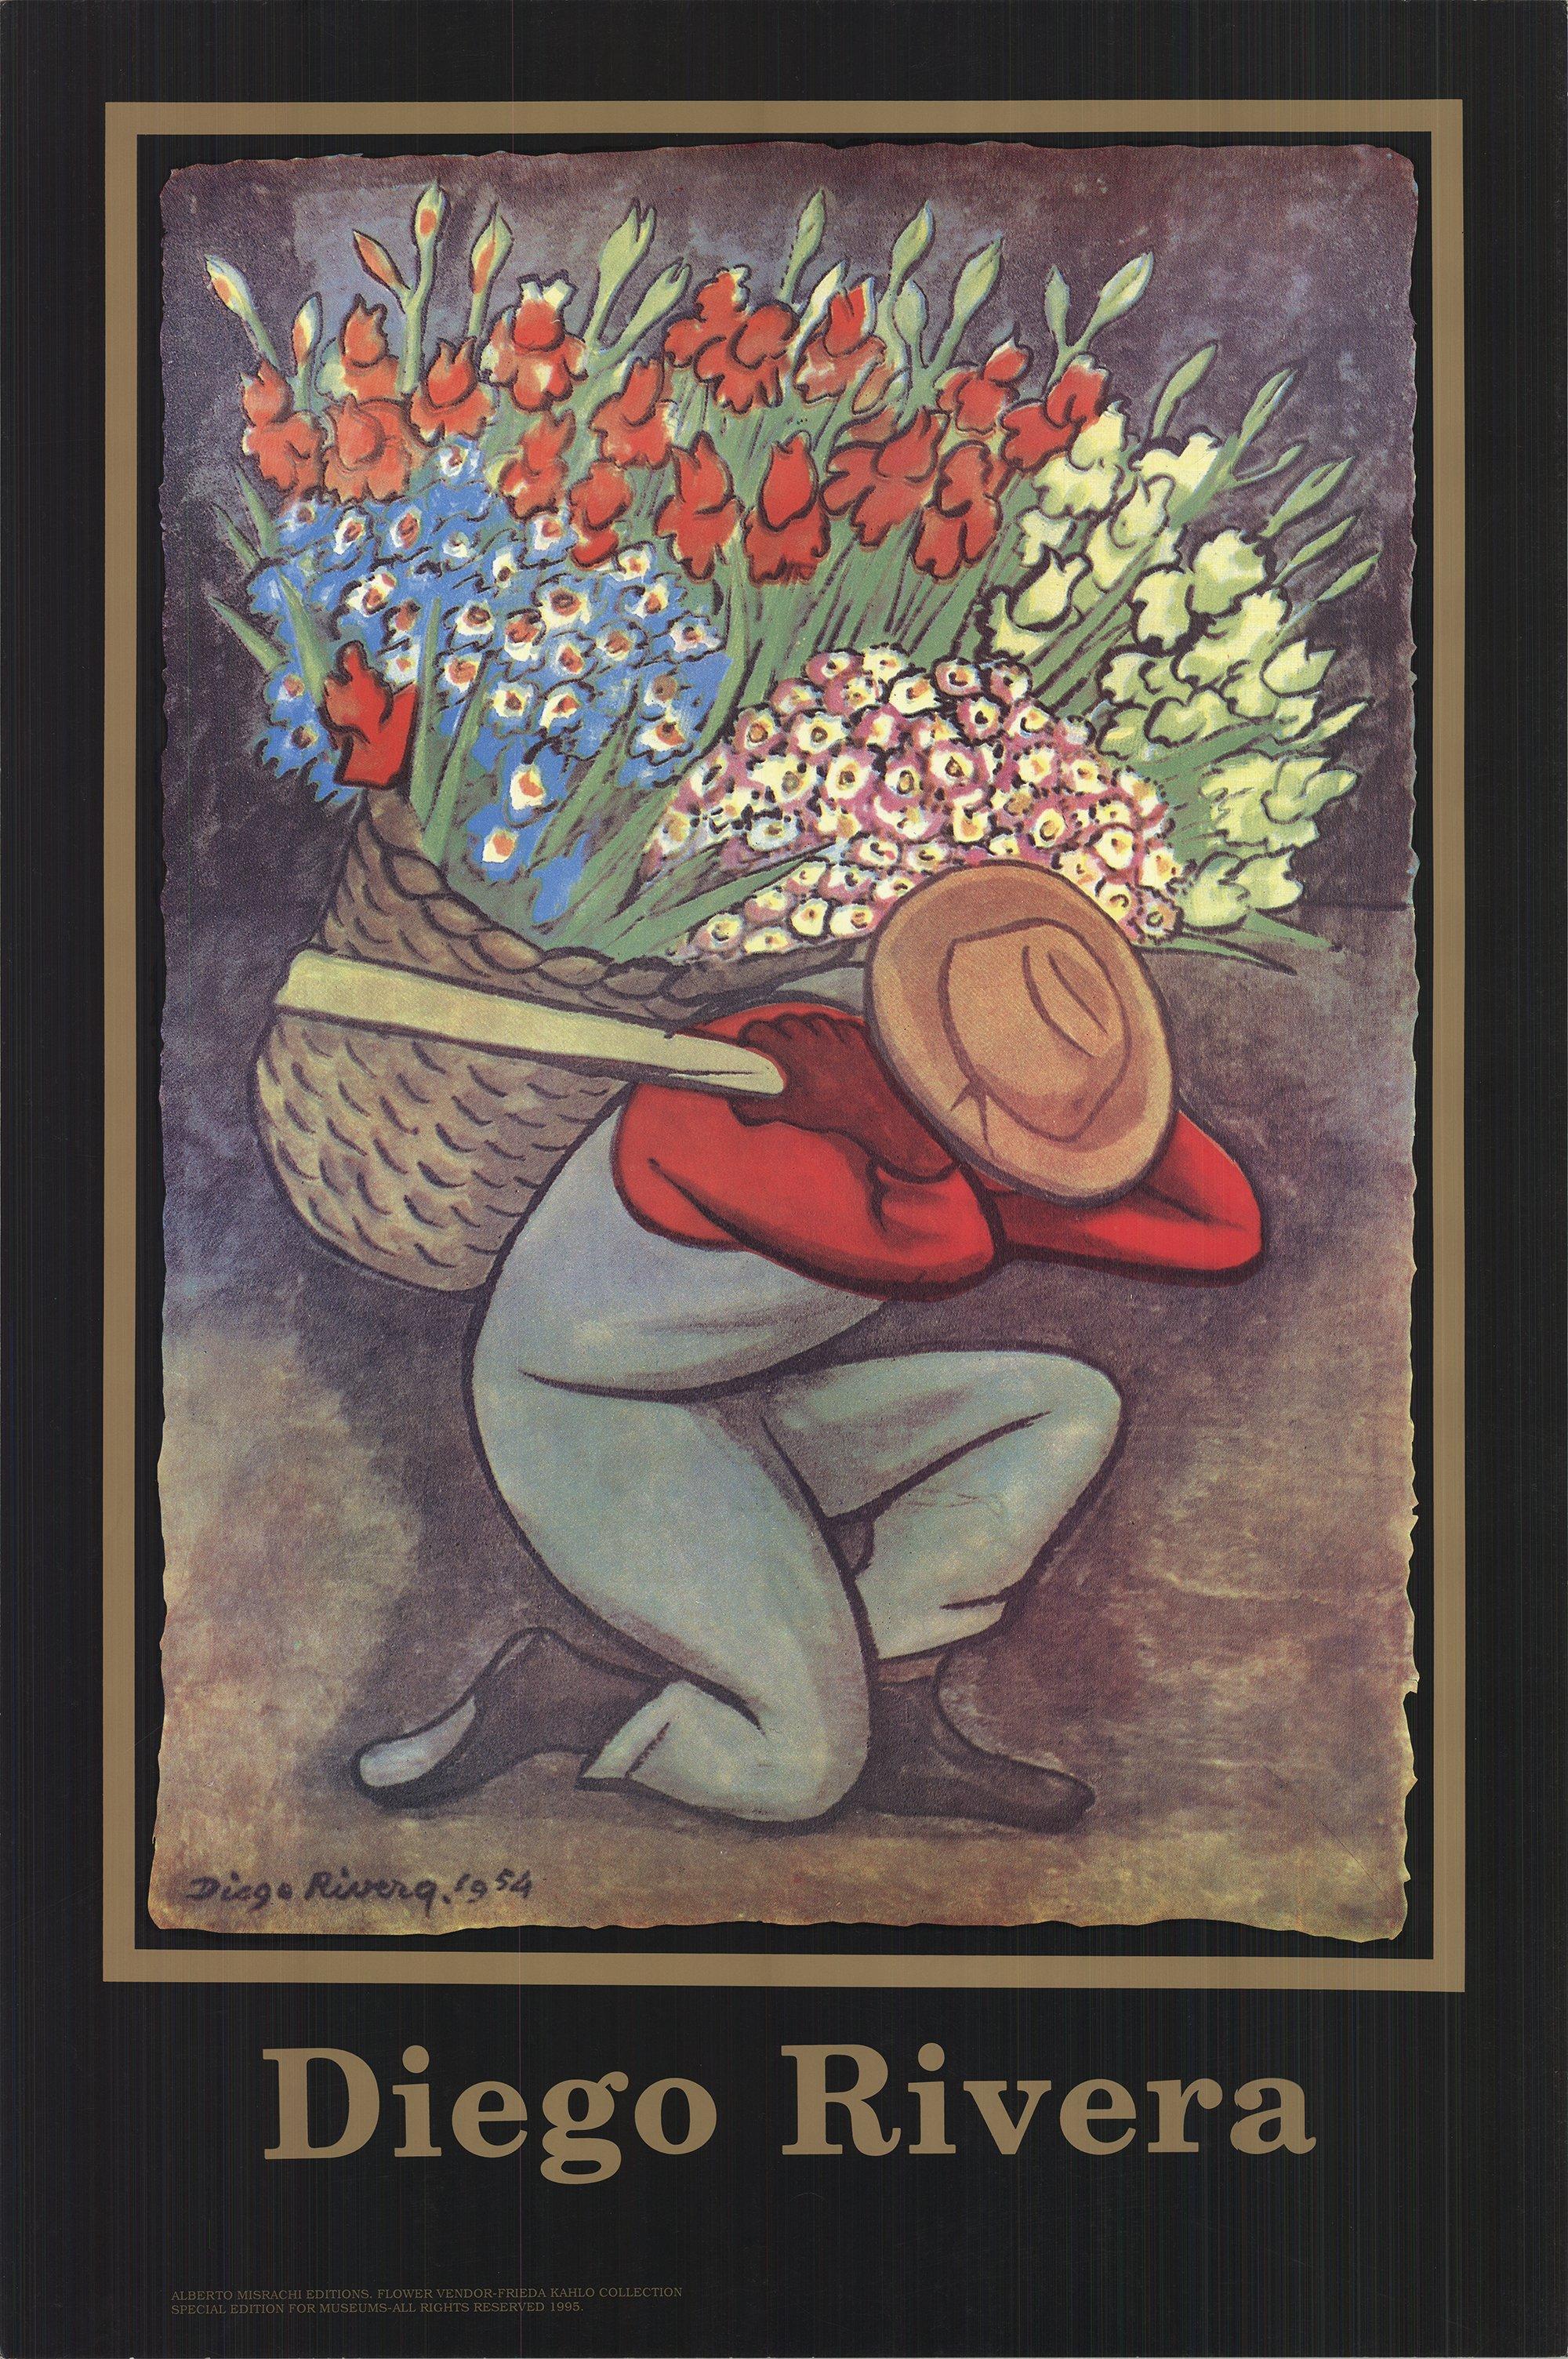 1995 After Diego Rivera 'El Vendedora De Flores' Modernism USA Offset Lithograph